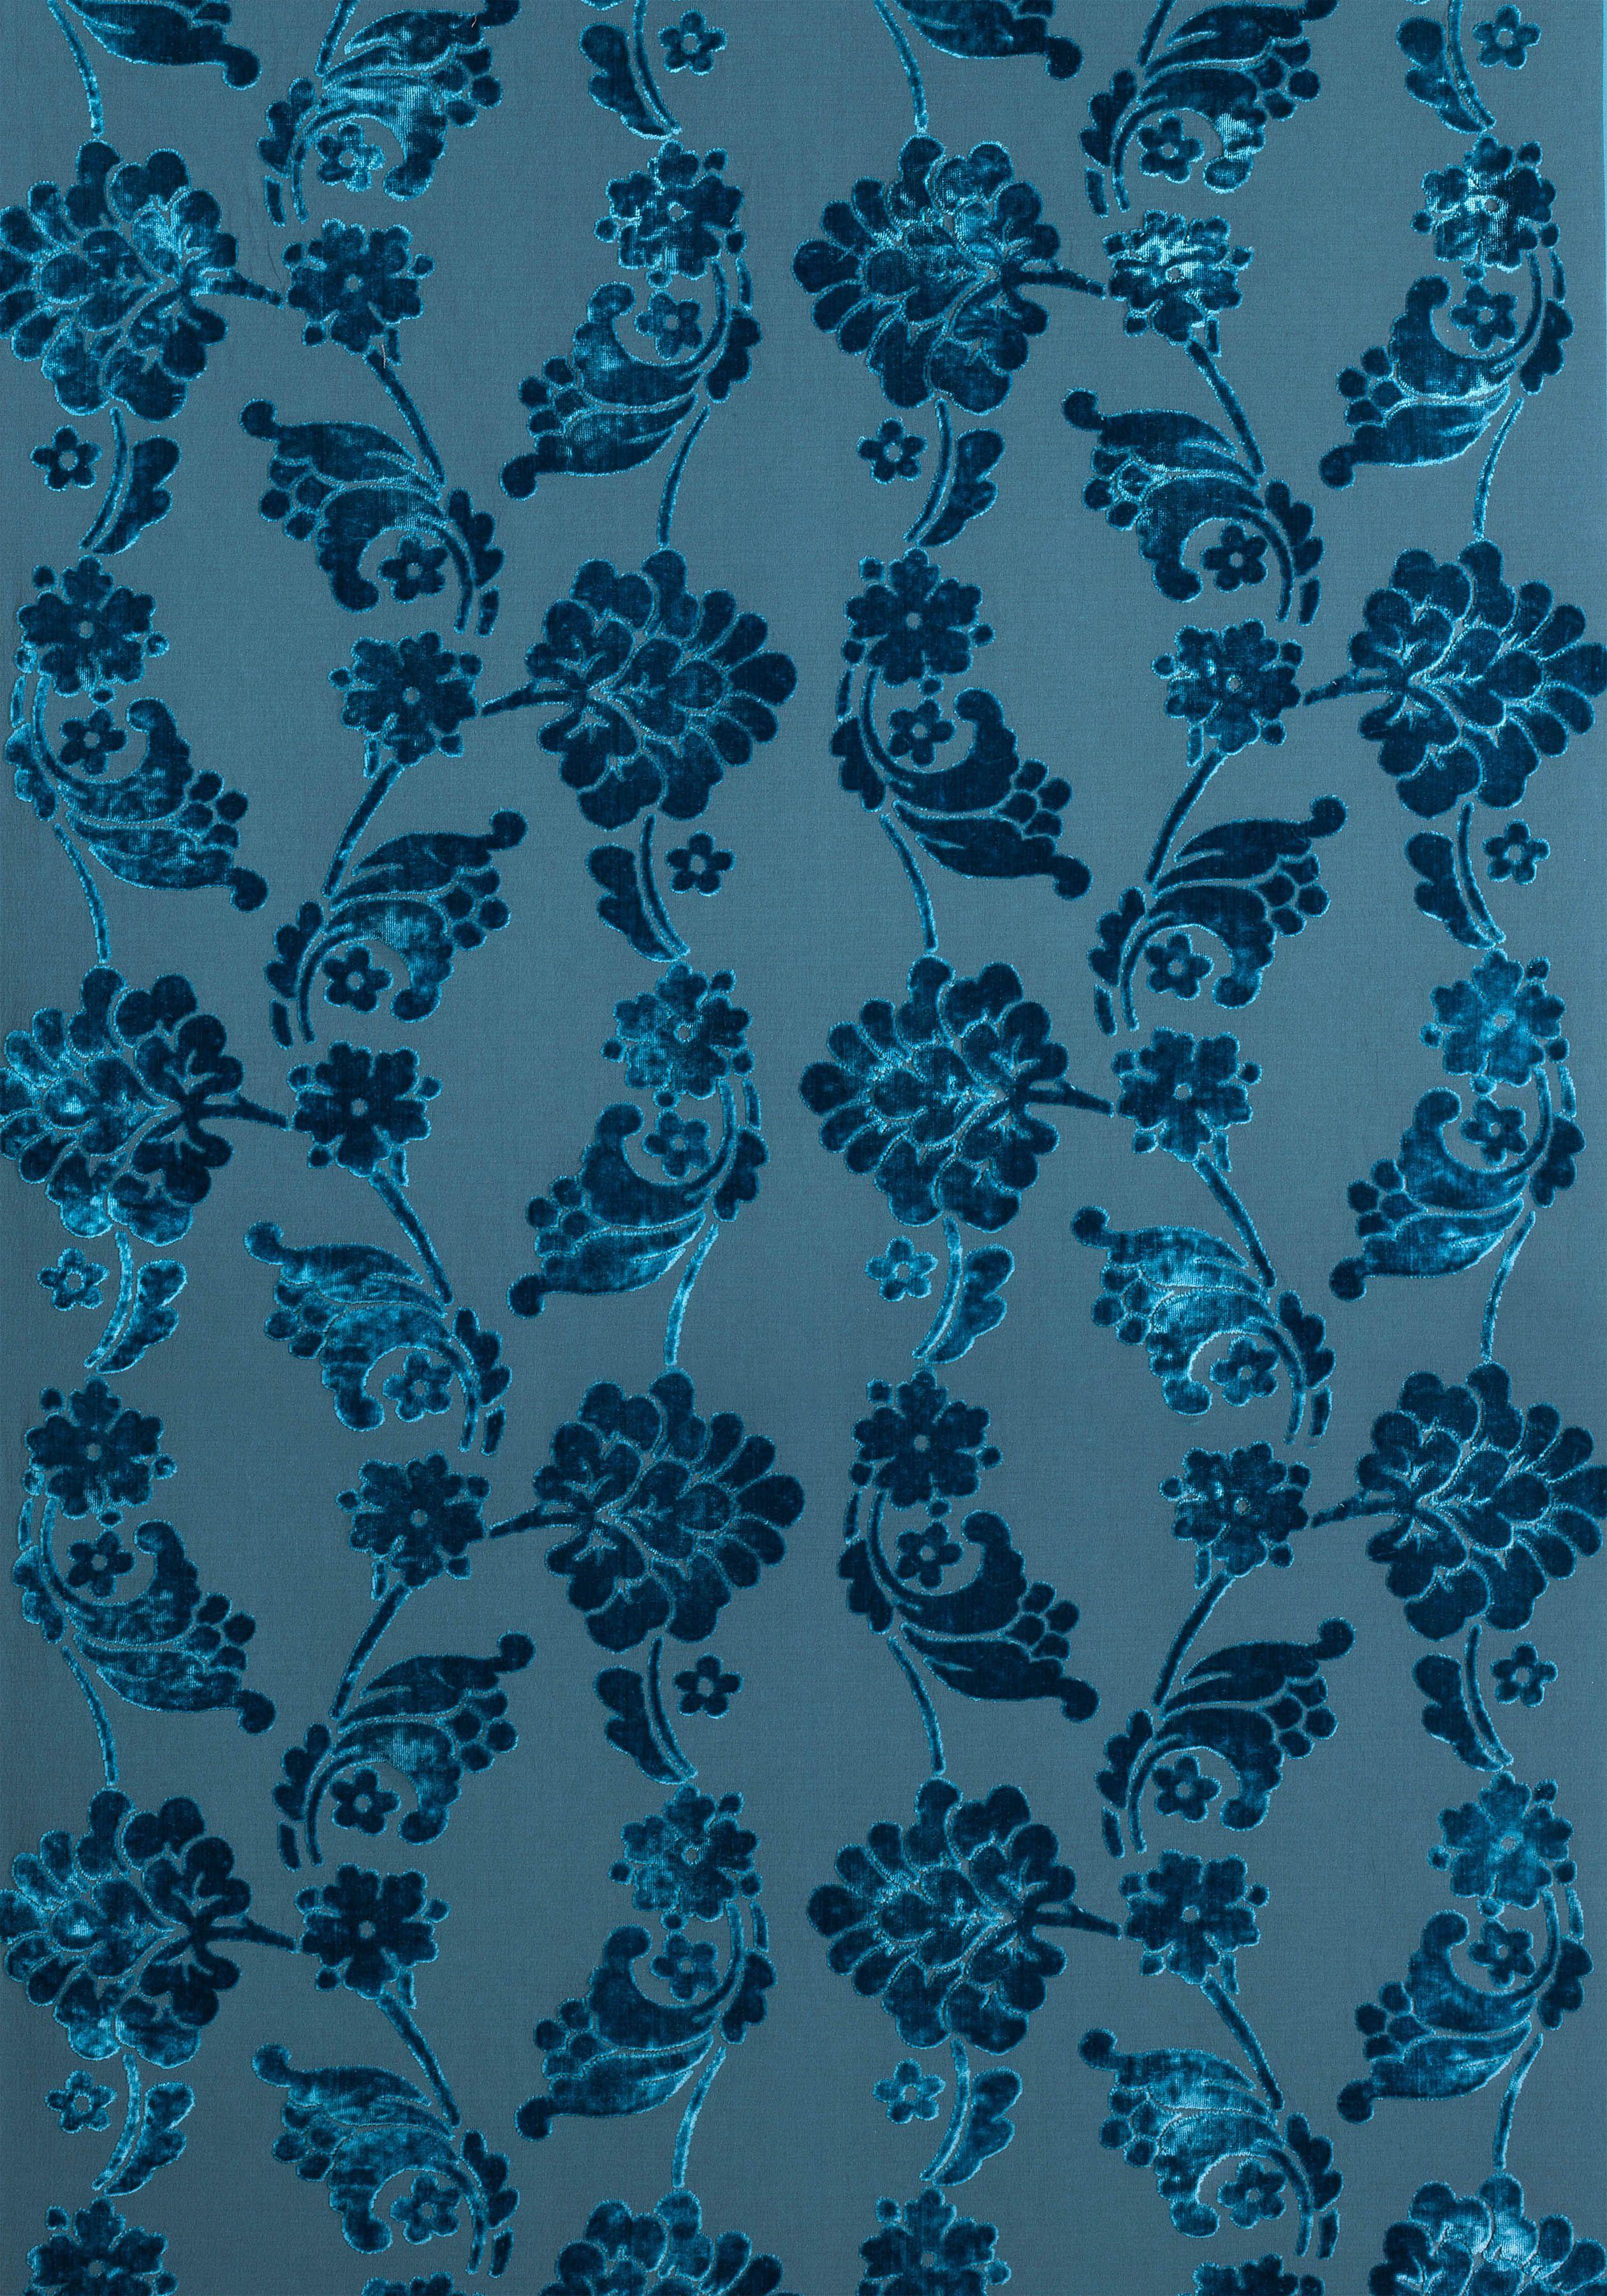 VELVET JACQUARD, Teal, AF10216, Collection Wild Flora from